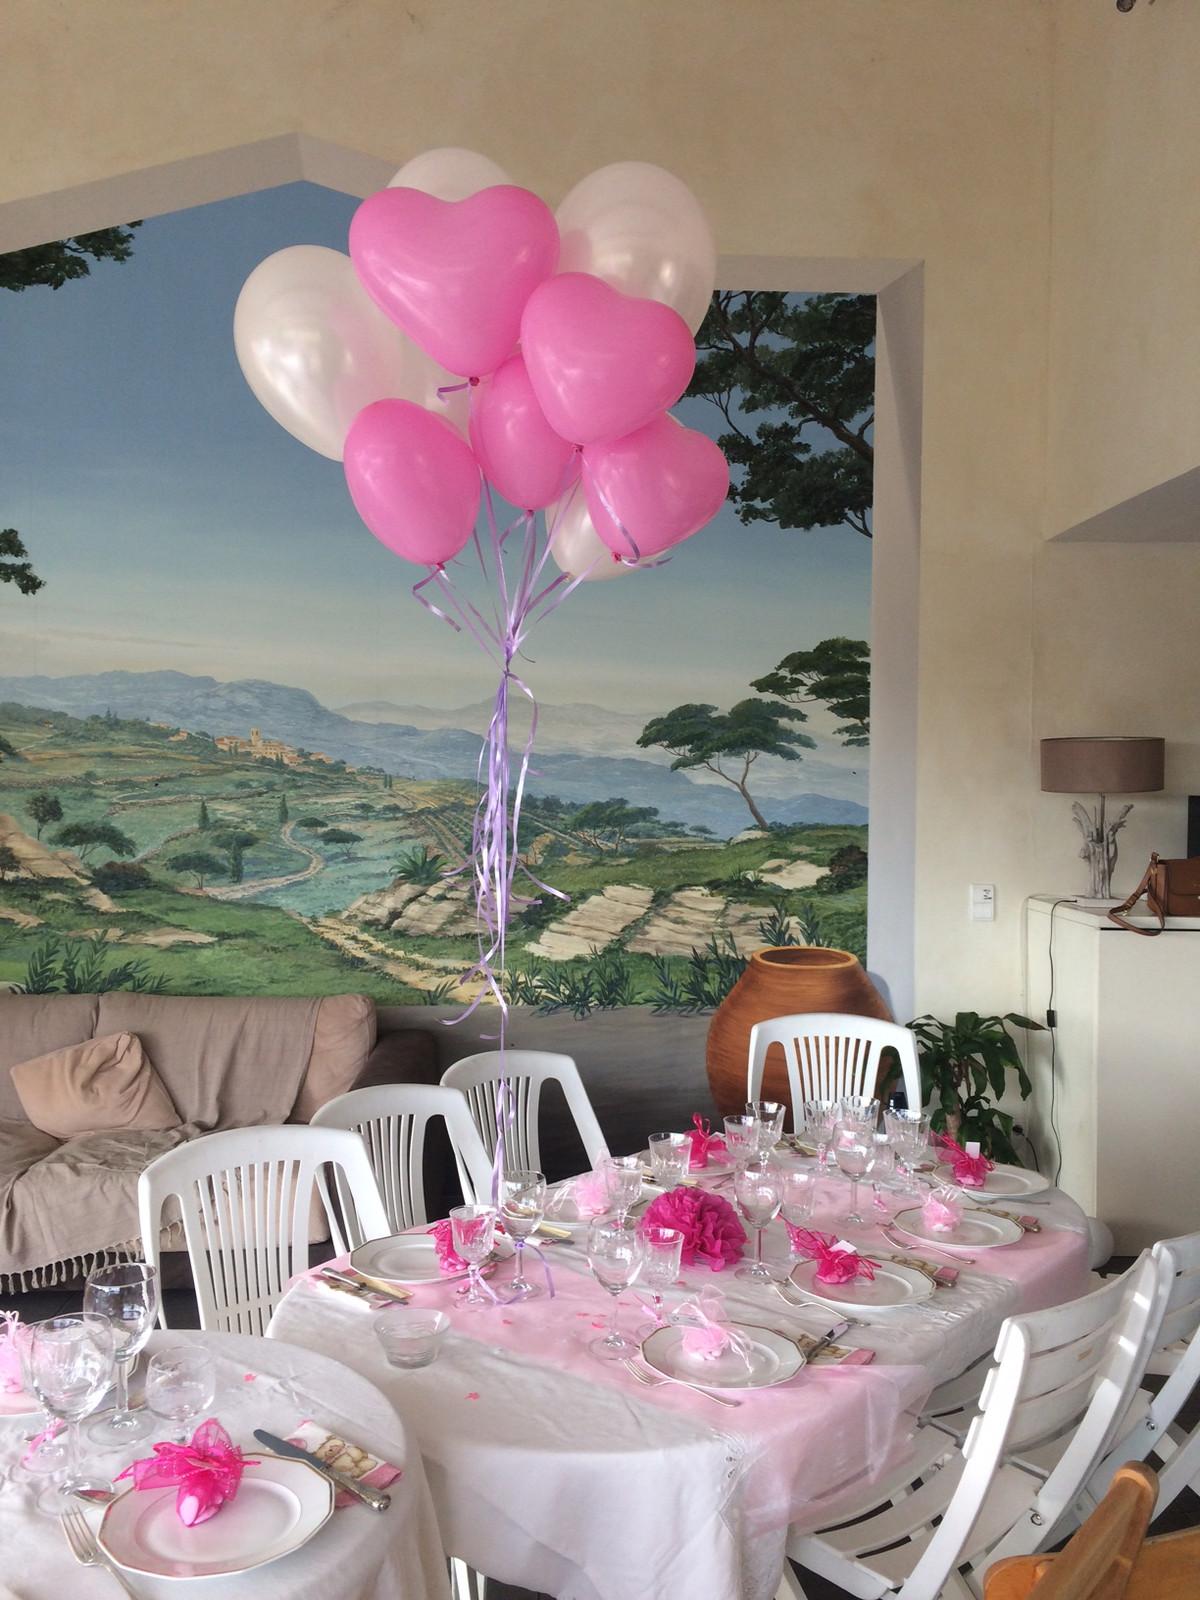 décoration ballons | nice | azur fête events